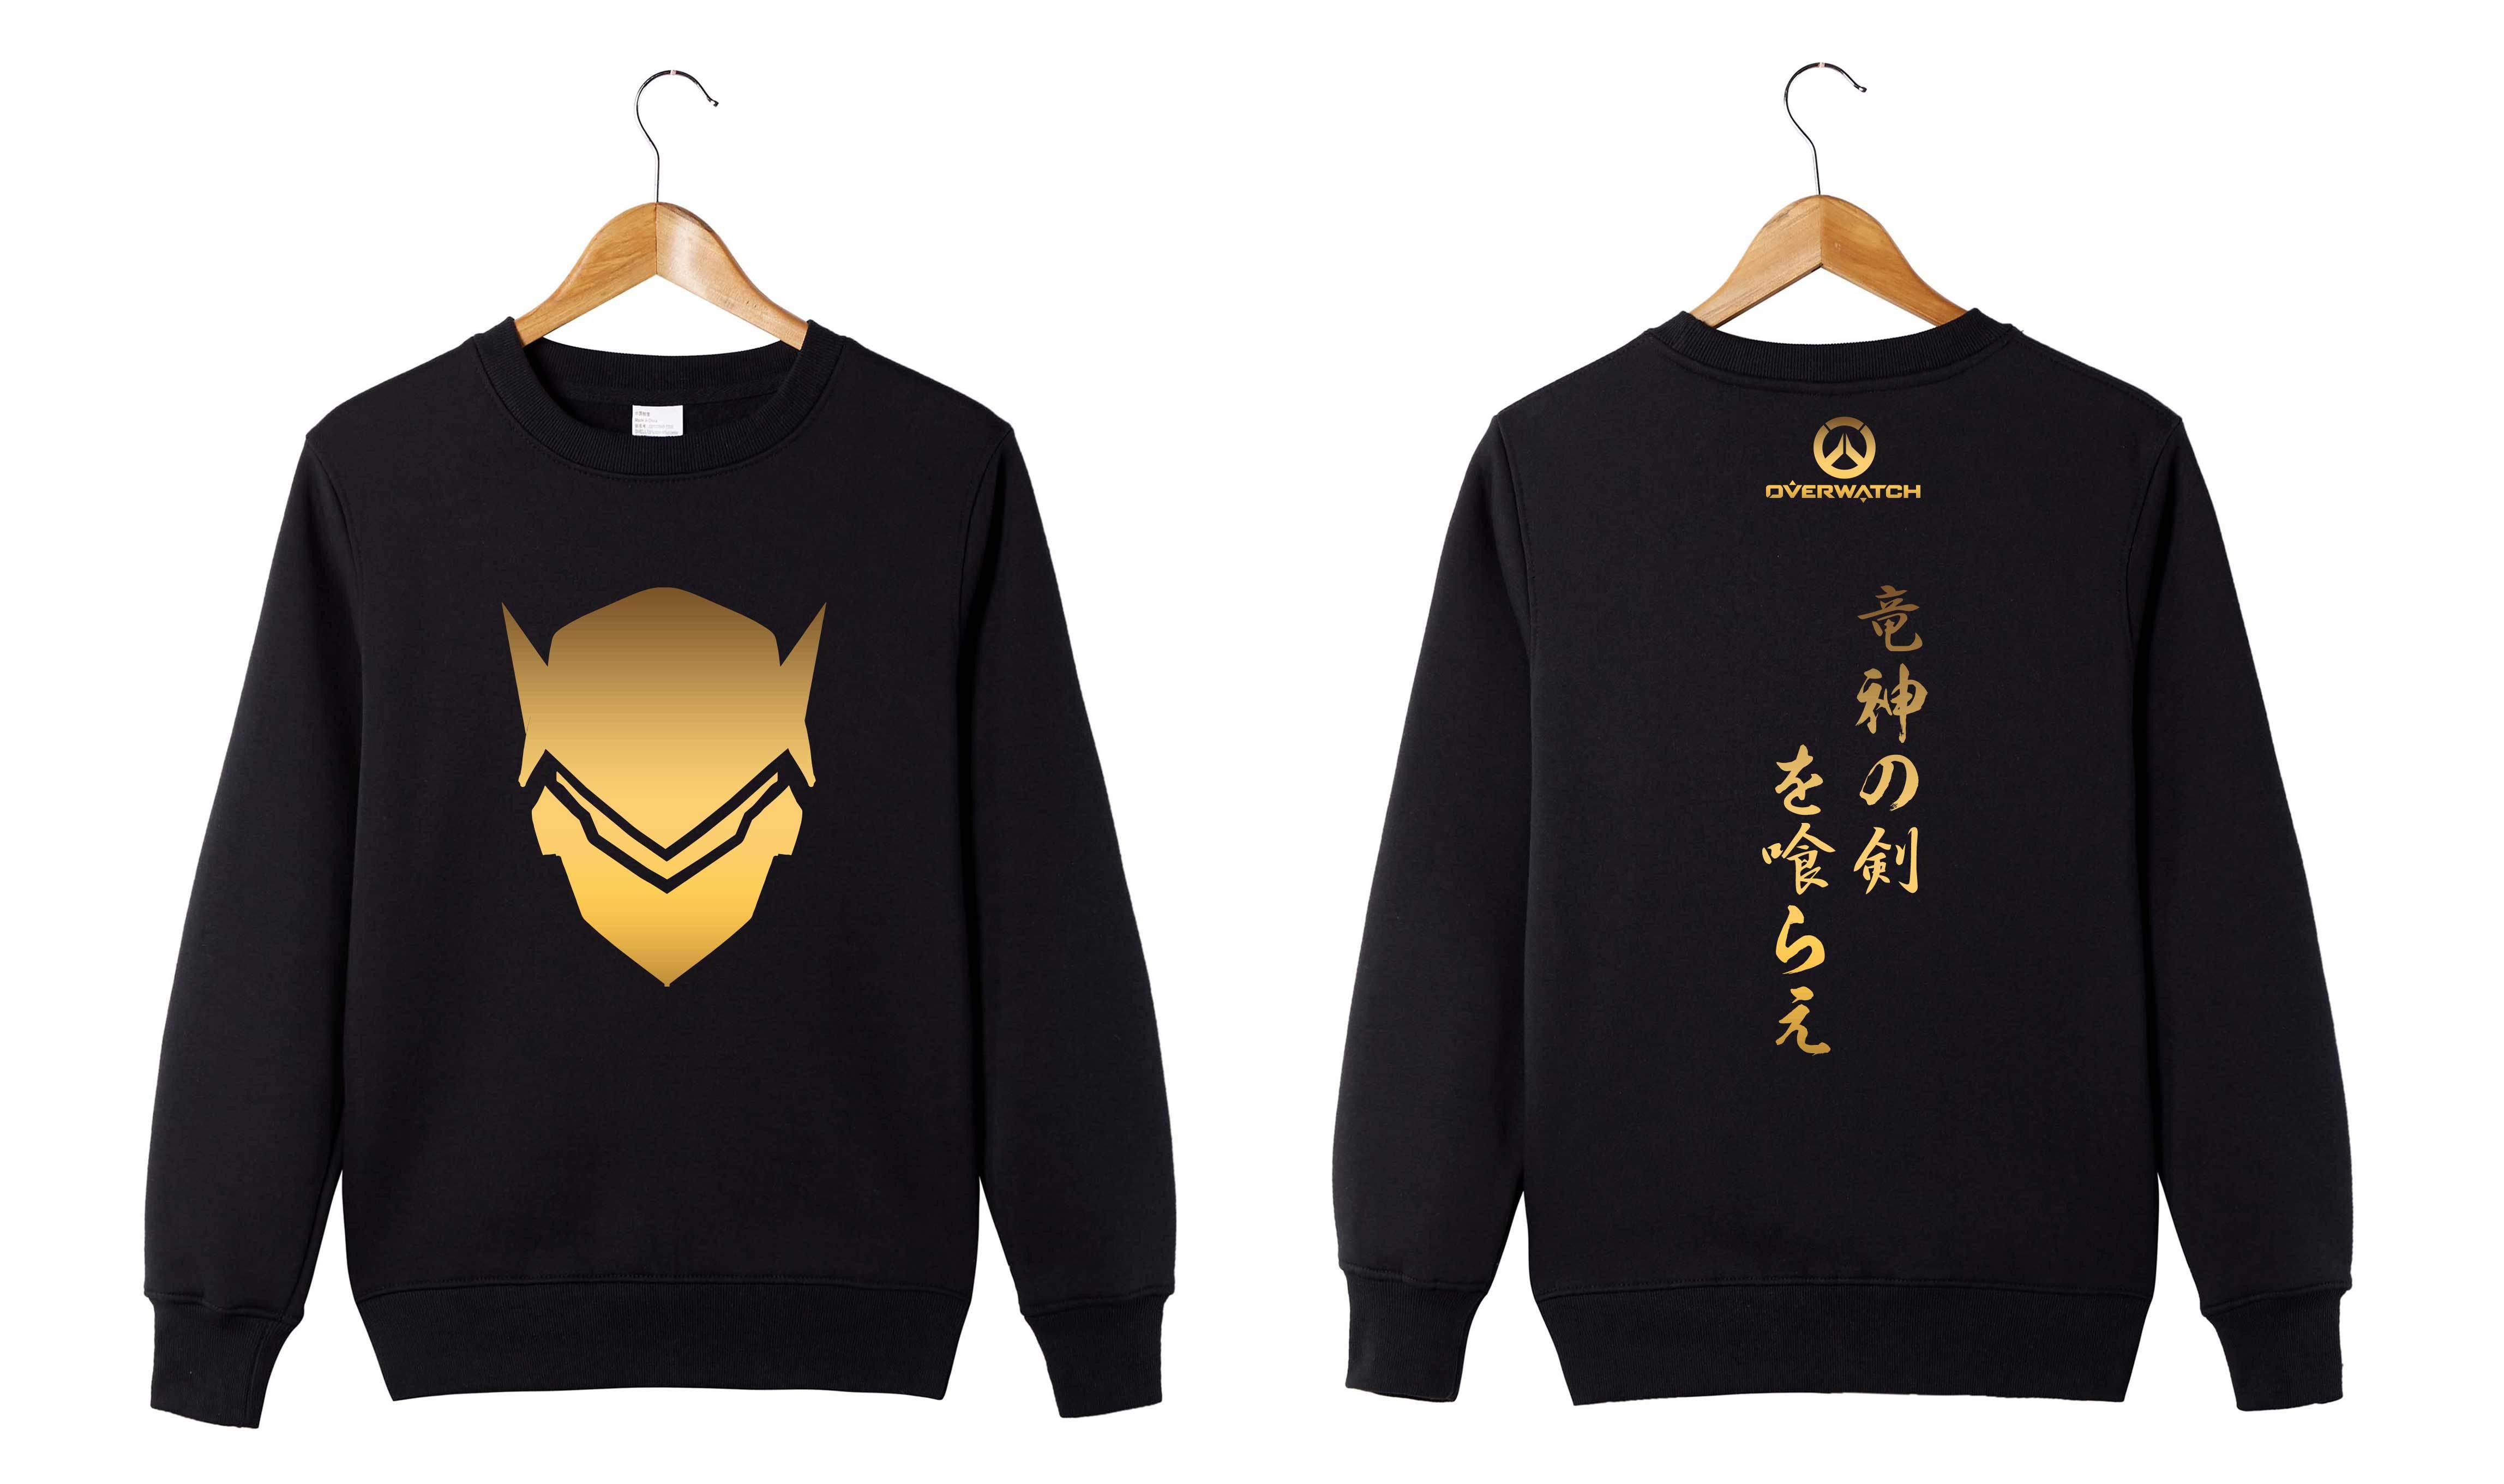 分享中国风春节皮肤设计创意 赢取限量版源氏卫衣